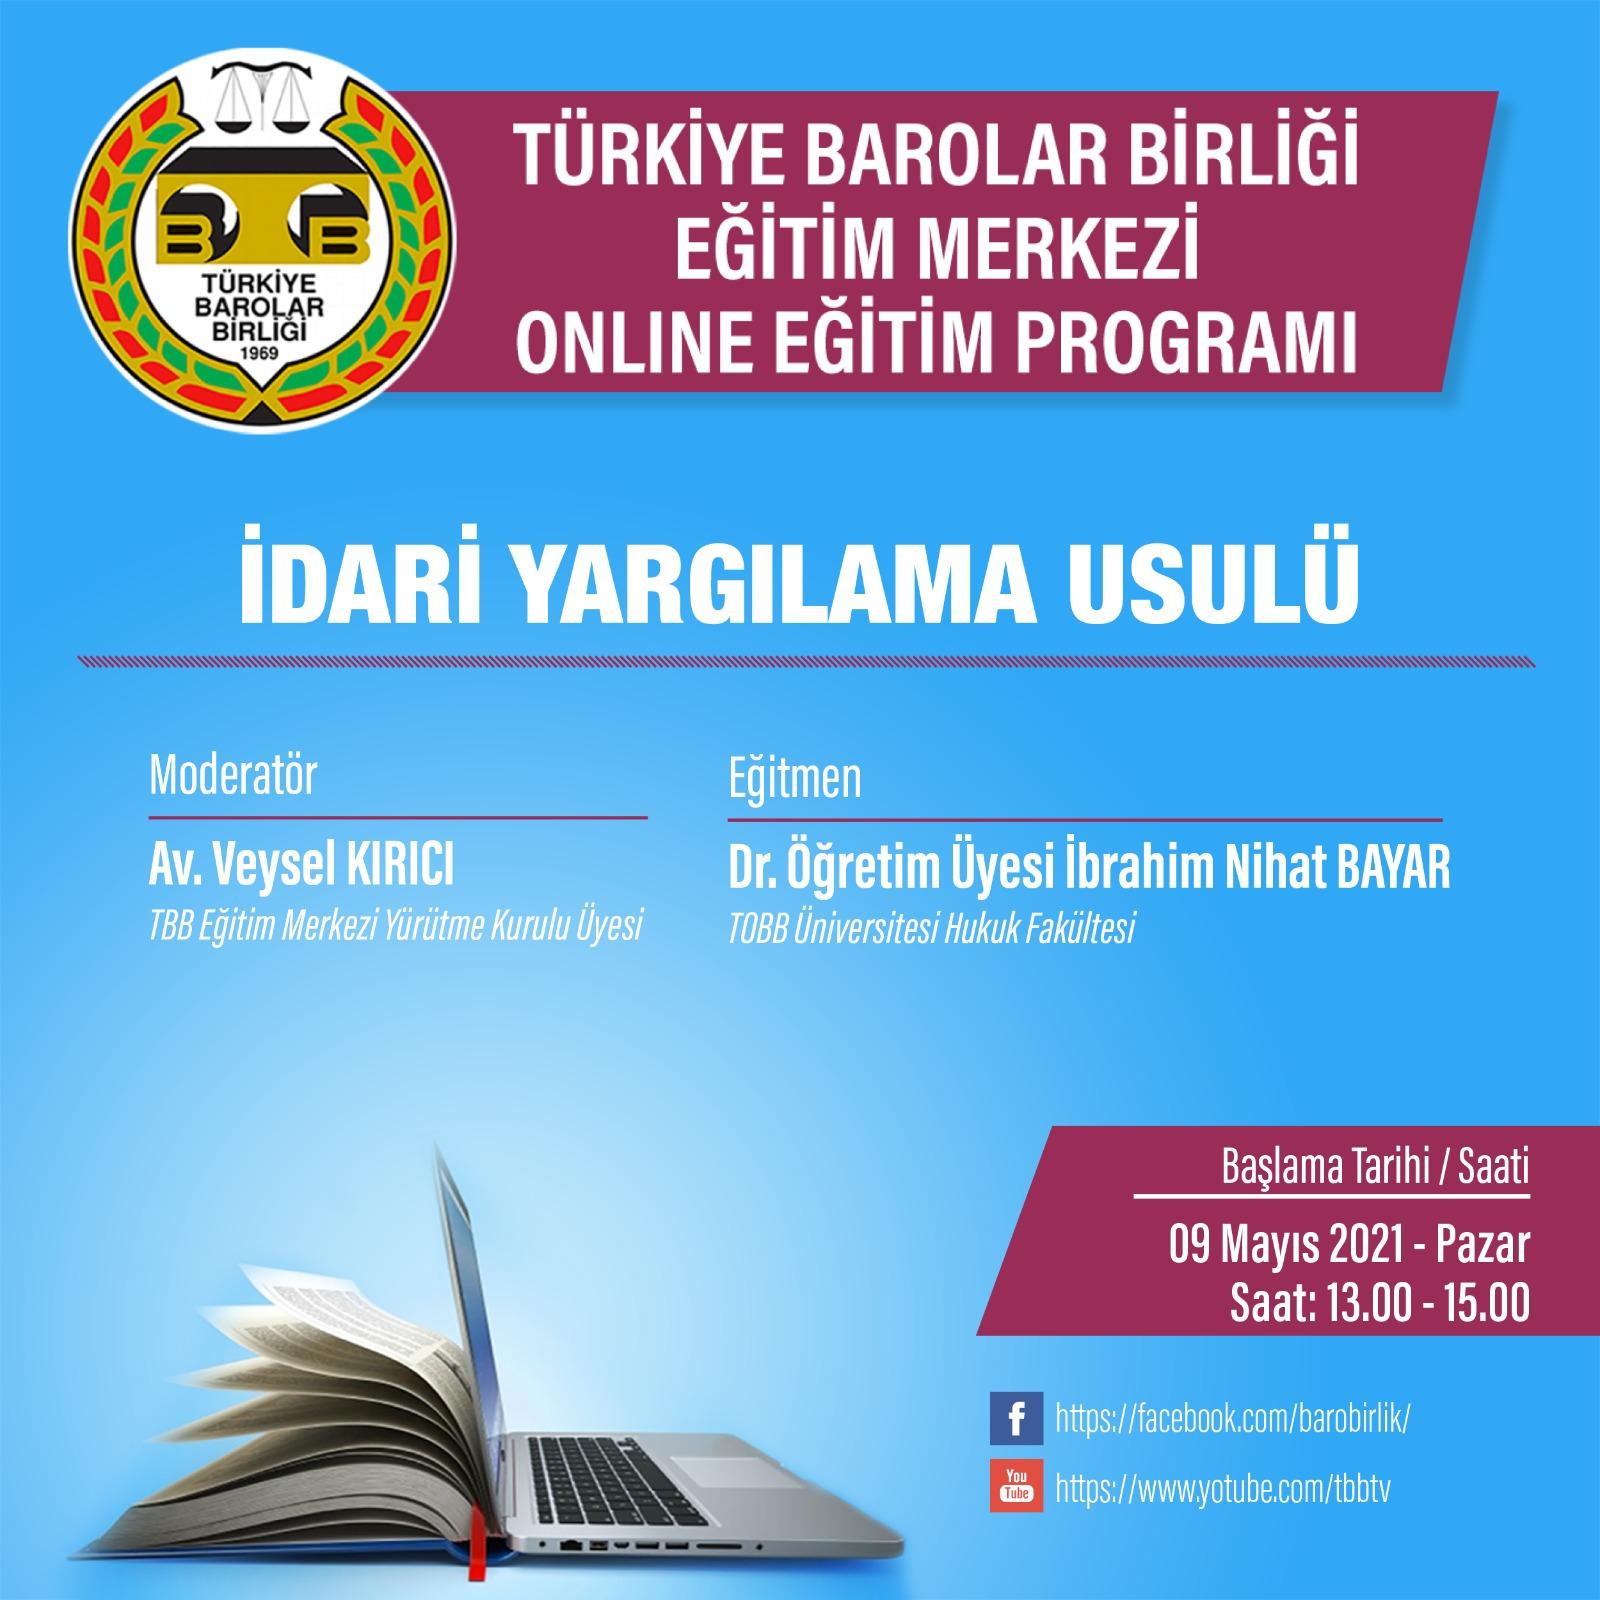 TBB Eğitim Merkezi Online Eğitim 09.05.2021